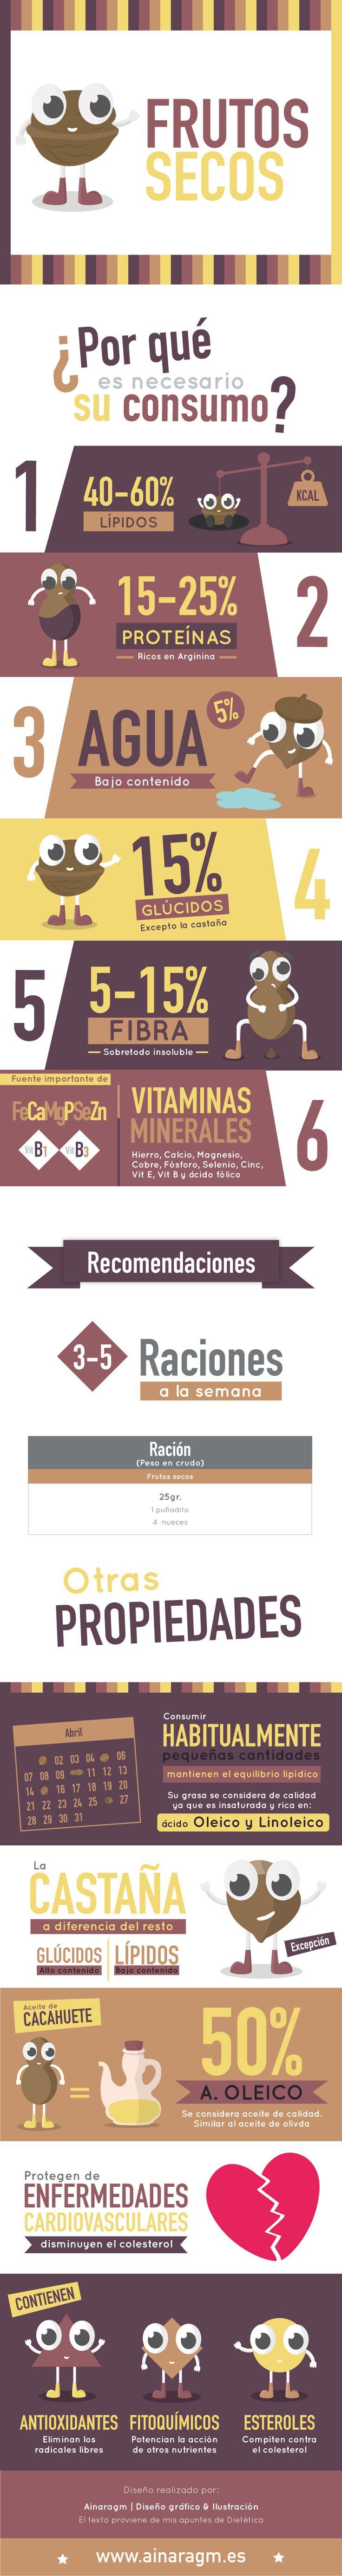 Infografía sobre los beneficios de los frutos secos #dietetica #dieta #alimentacion #salud #diseno #ilustracion #infografia